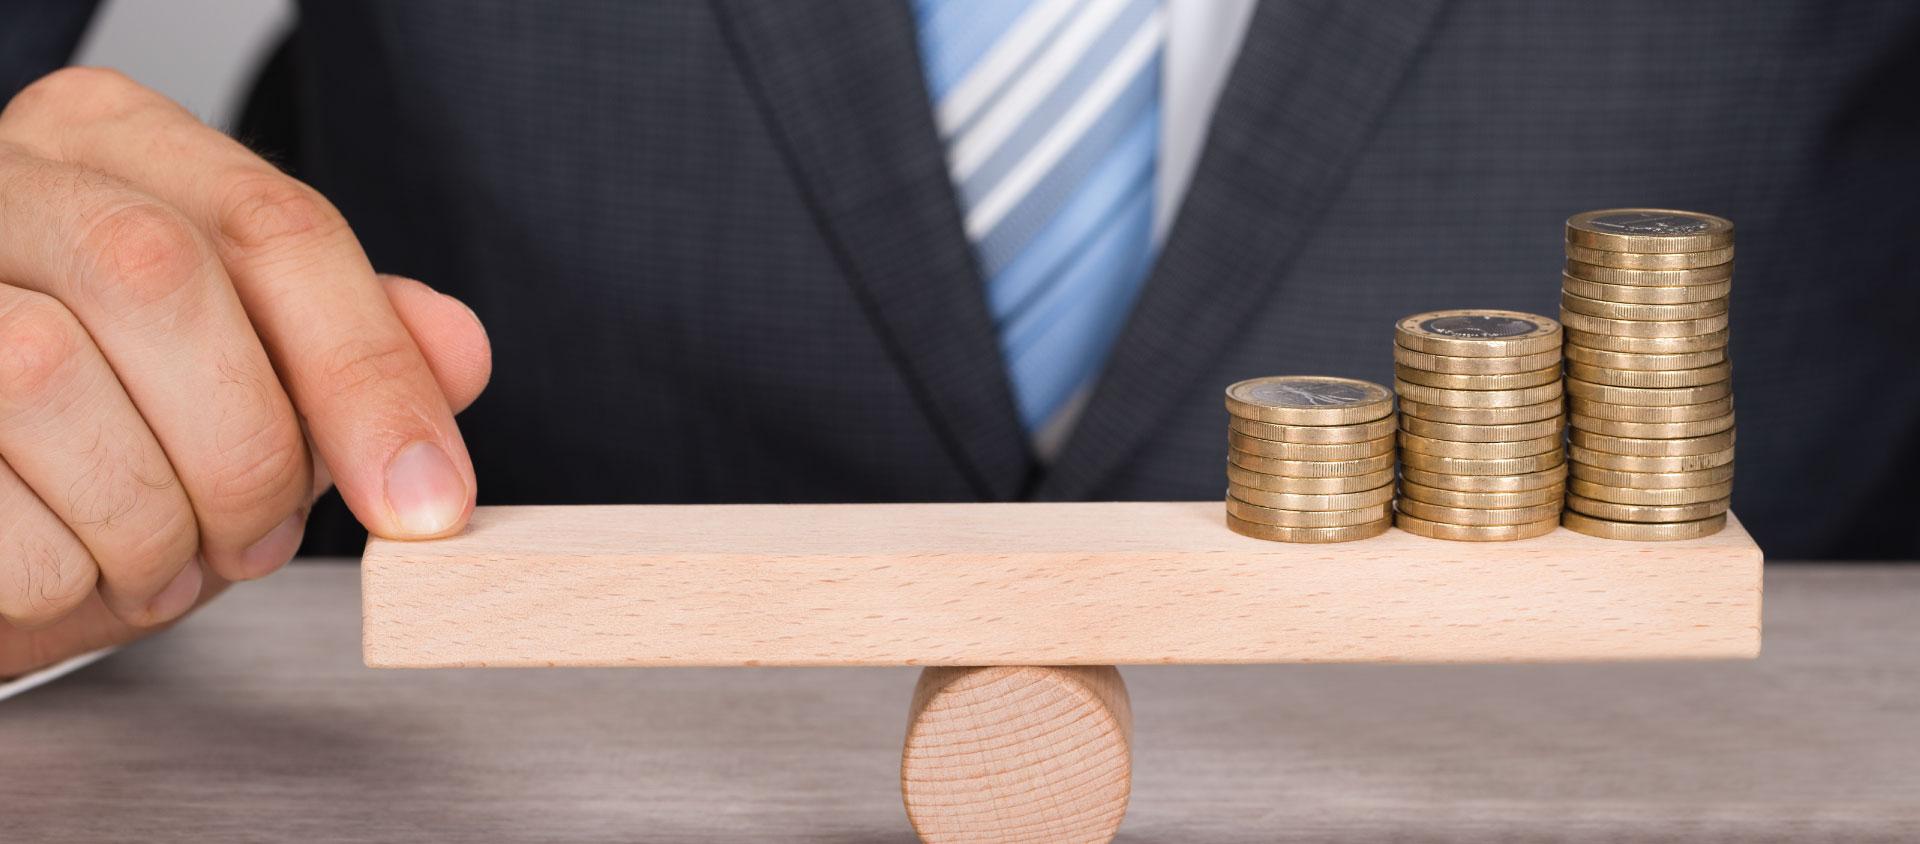 O mercado de saúde se mantém financeiramente estável